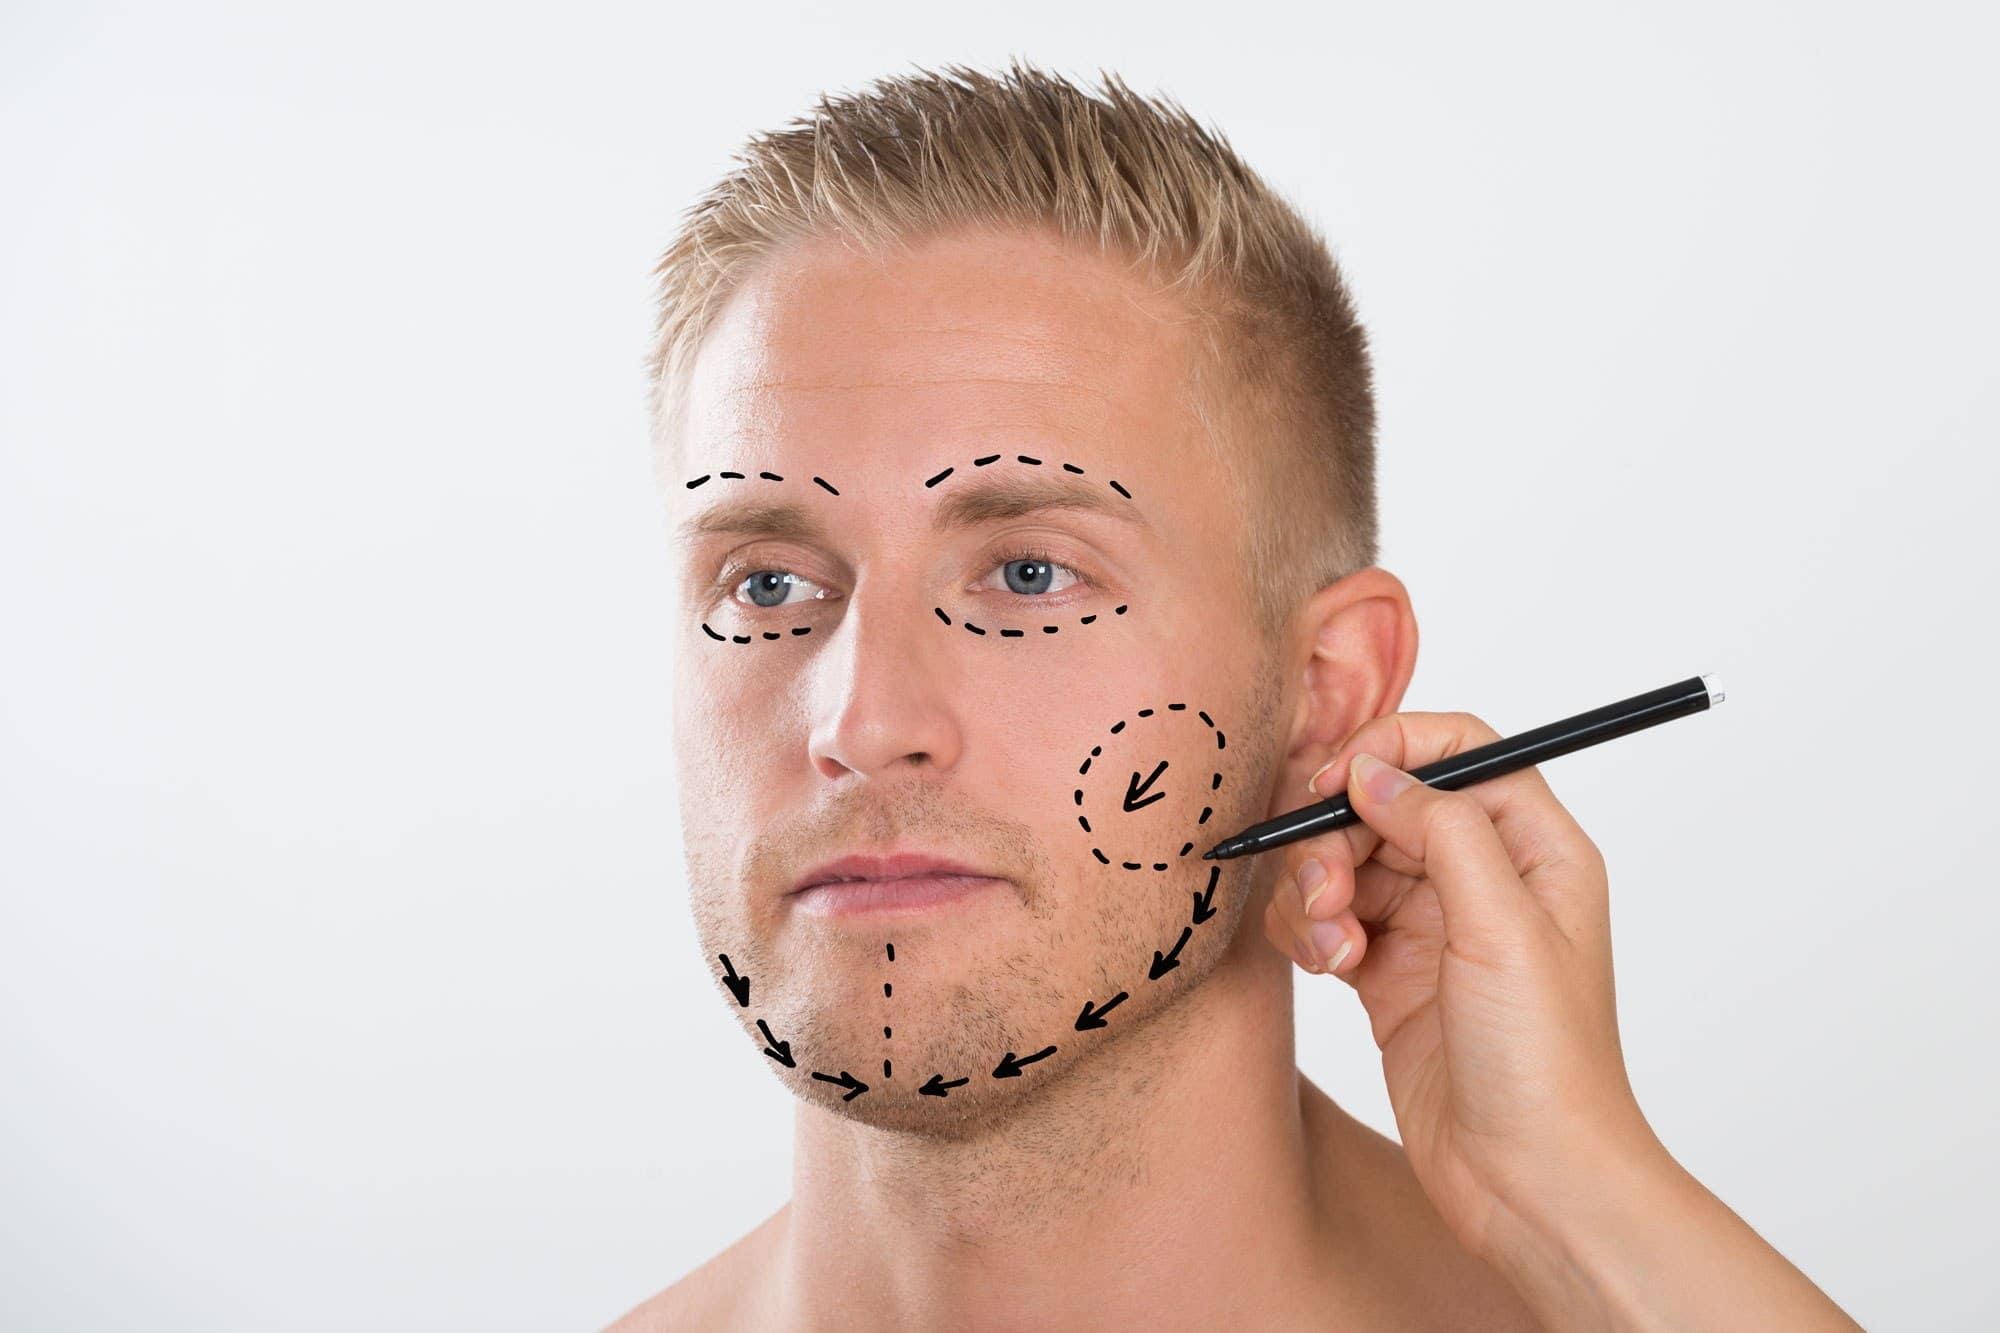 tipos de harmonização facial